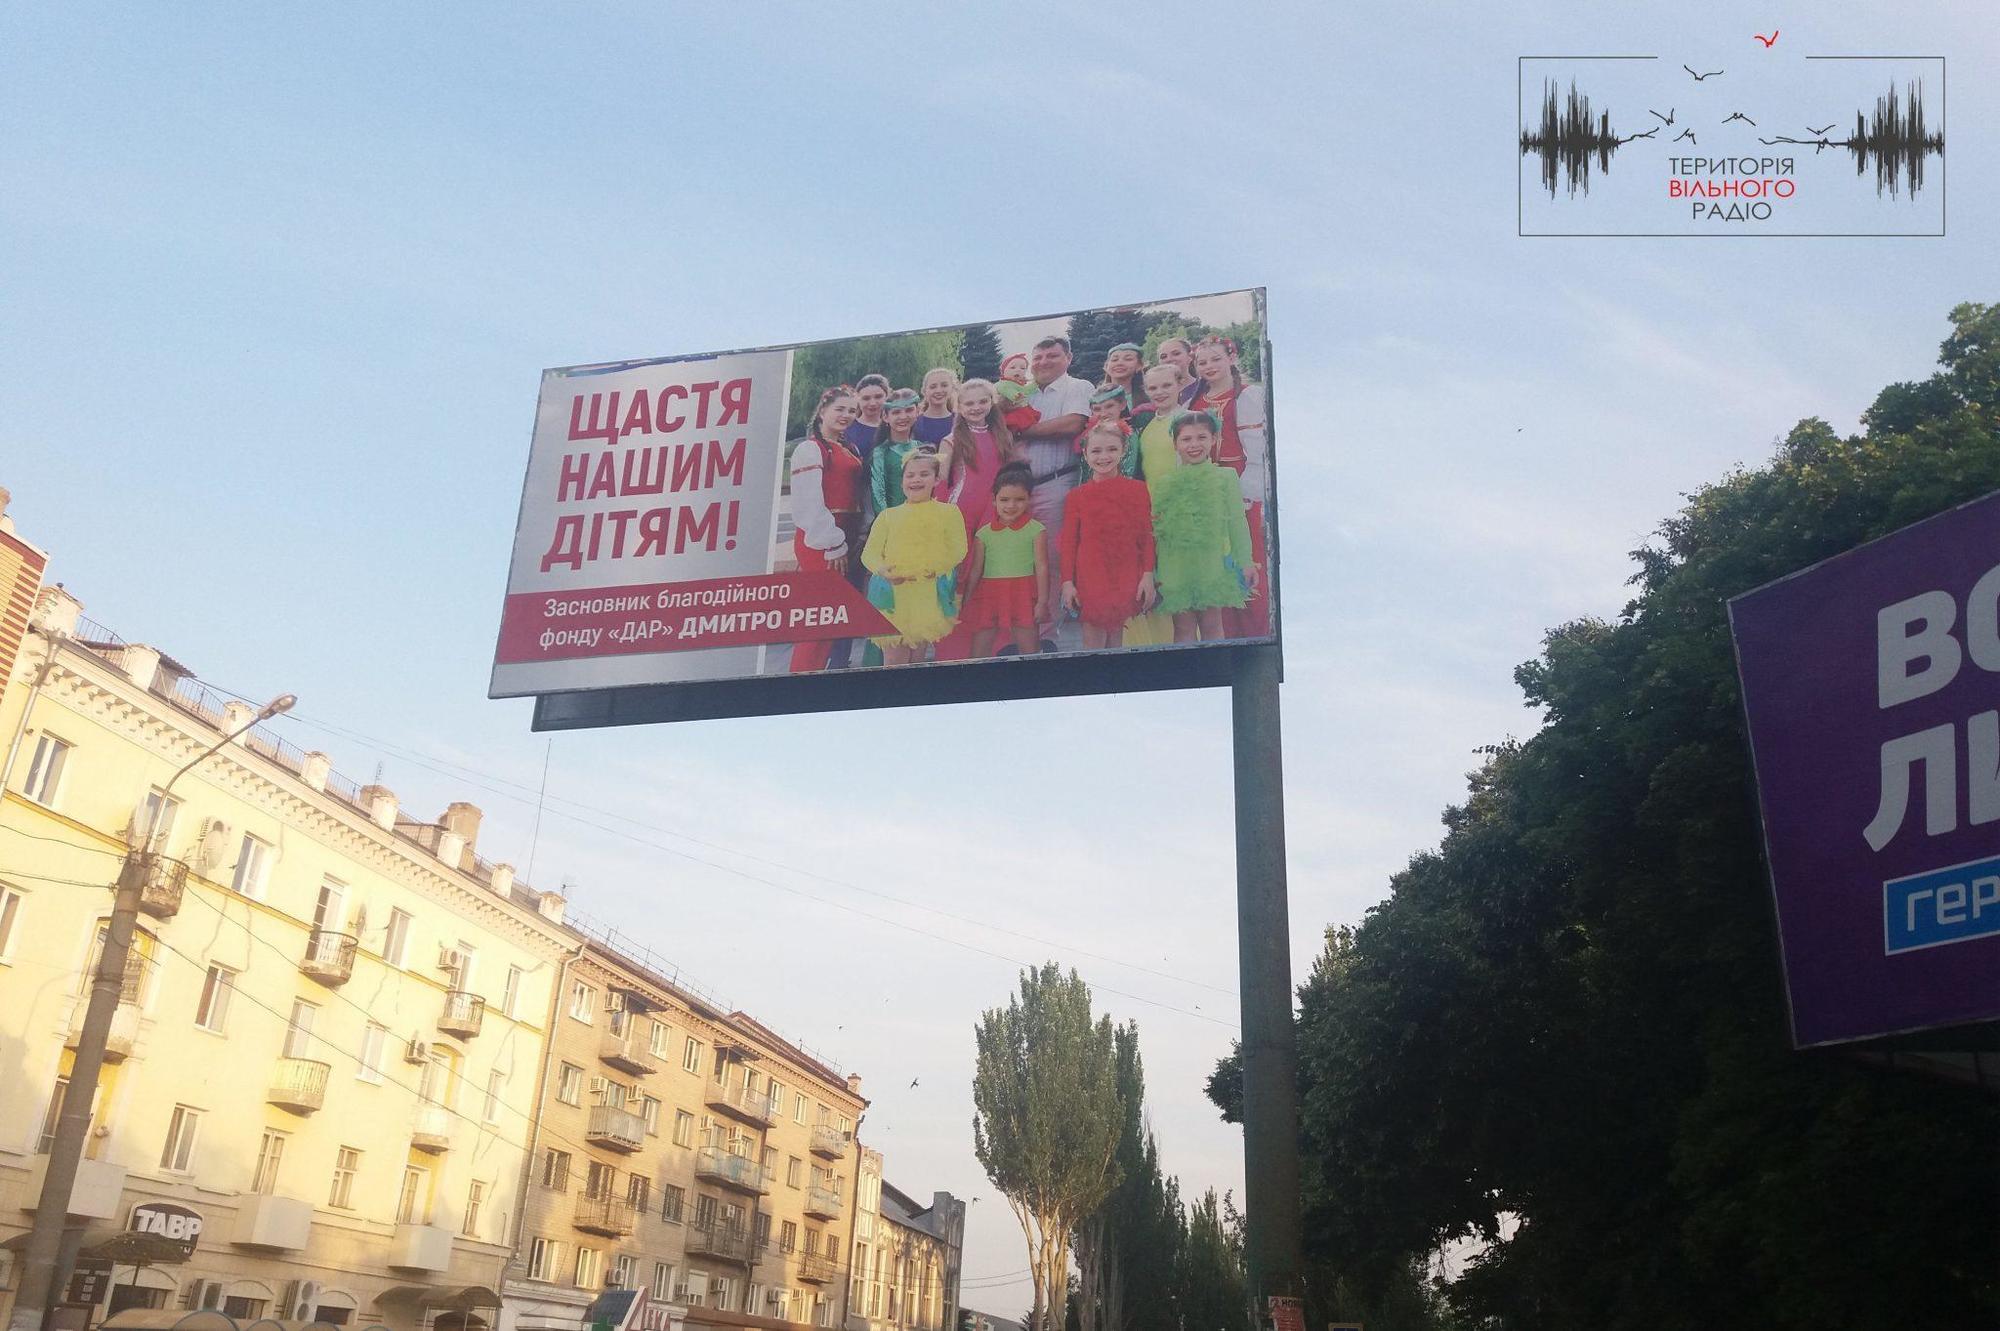 білборд, агітація Дмитра Реви, Дмитро Рева, Бахмут агітація